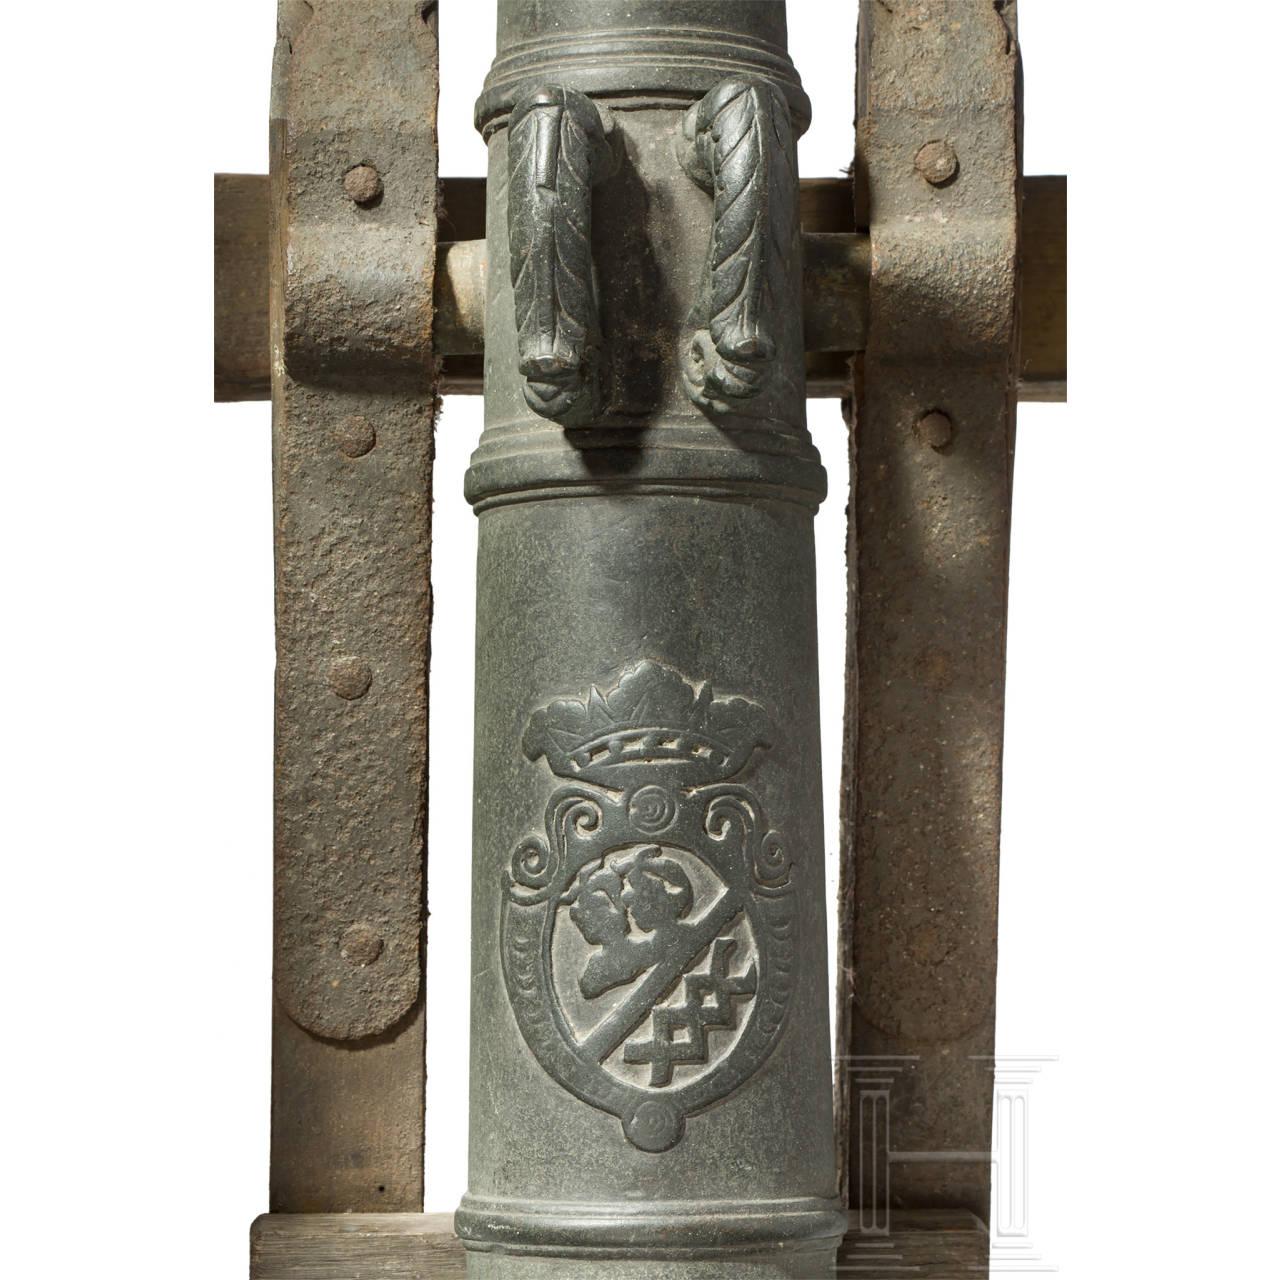 Kleines Salutgeschütz mit Bronzelauf, norddeutsch/Niederlande, 1. Hälfte 18. Jhdt.